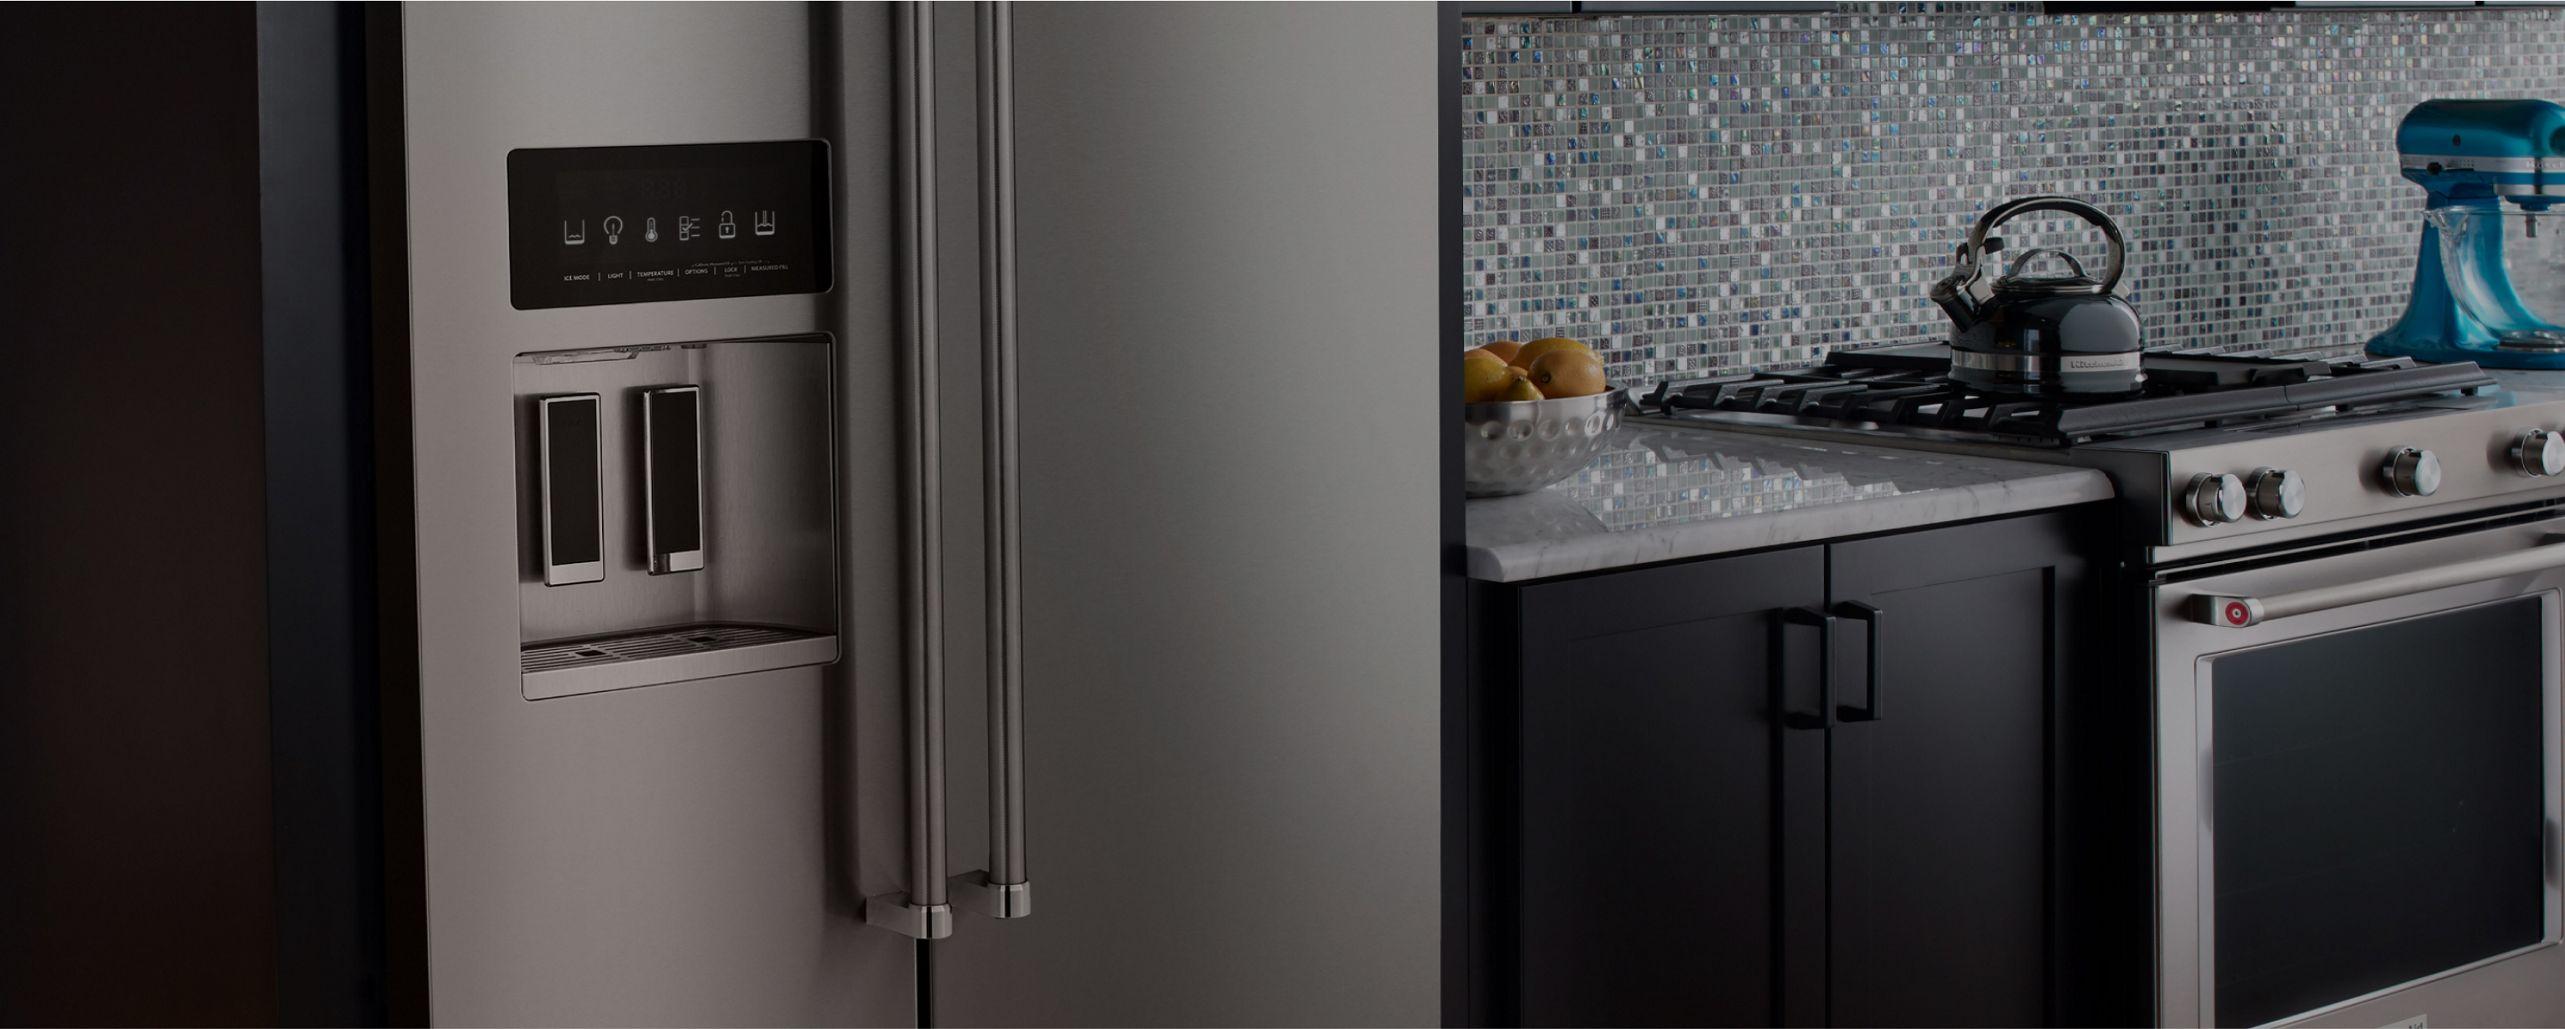 Une image panoramique d'une cuisine avec des appareils KitchenAid, y compris un réfrigérateur en acier inoxydable avec distributeur d'eau